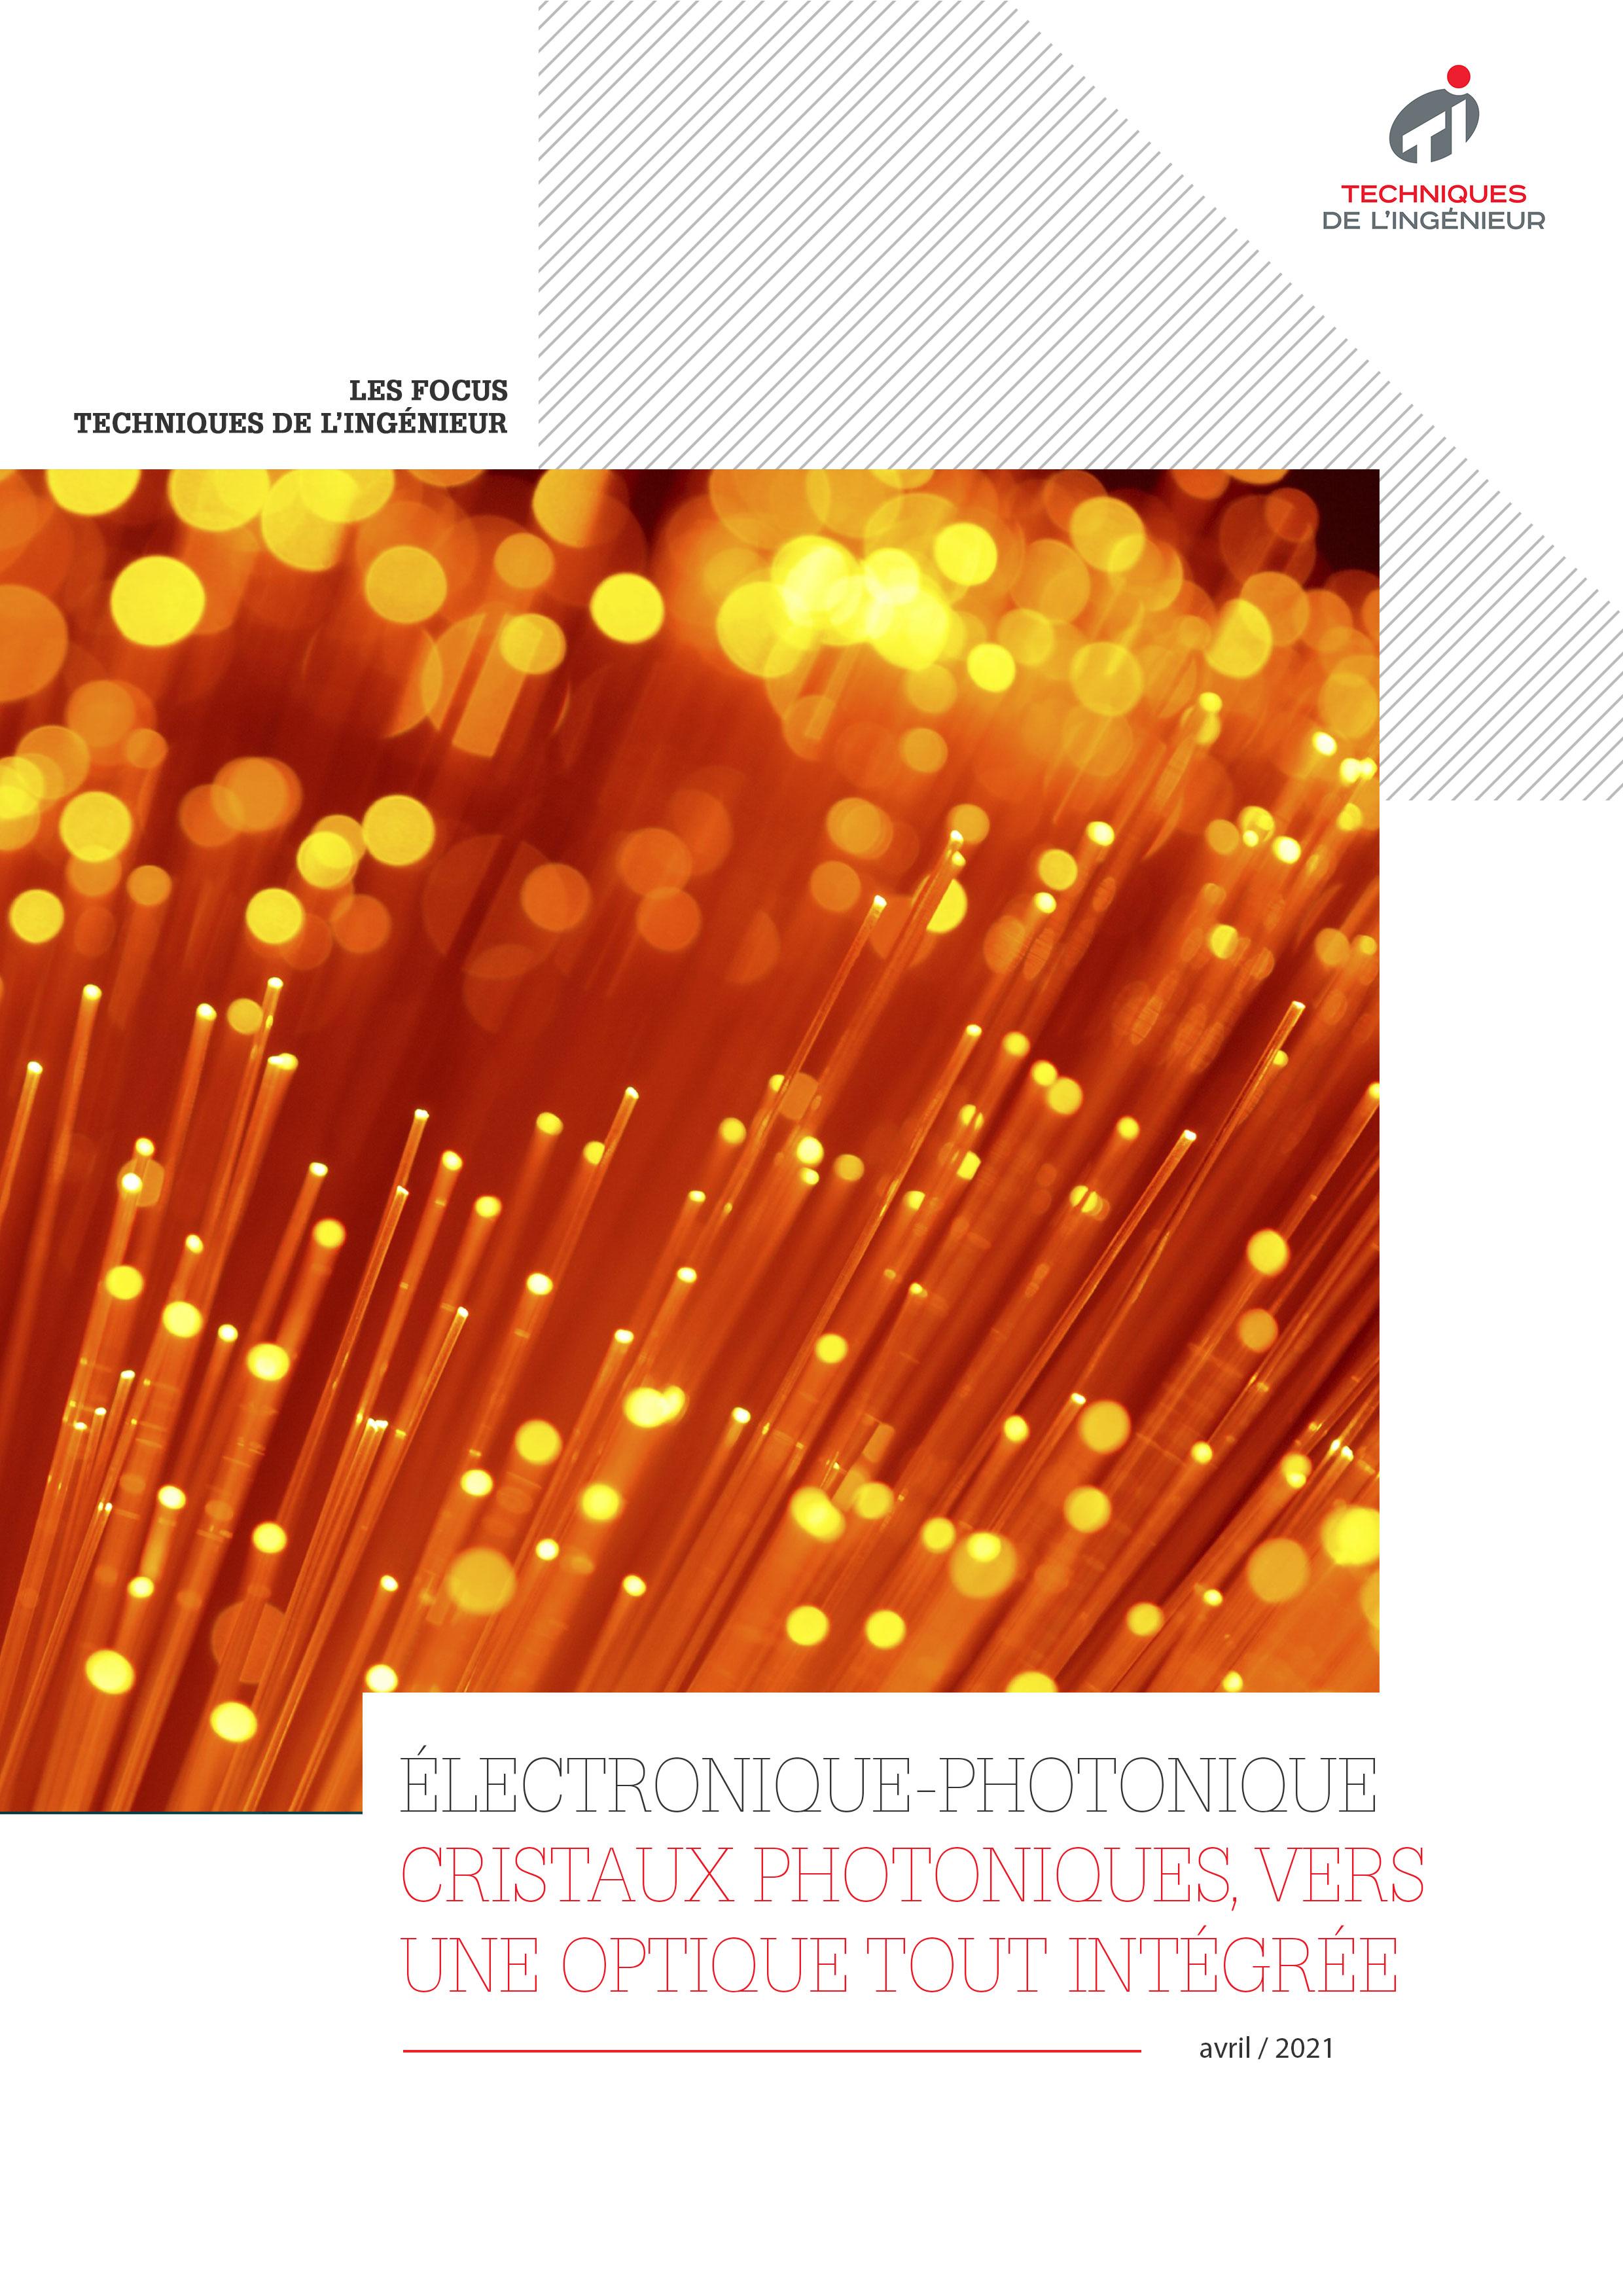 Cristaux photoniques : vers une optique tout intégrée